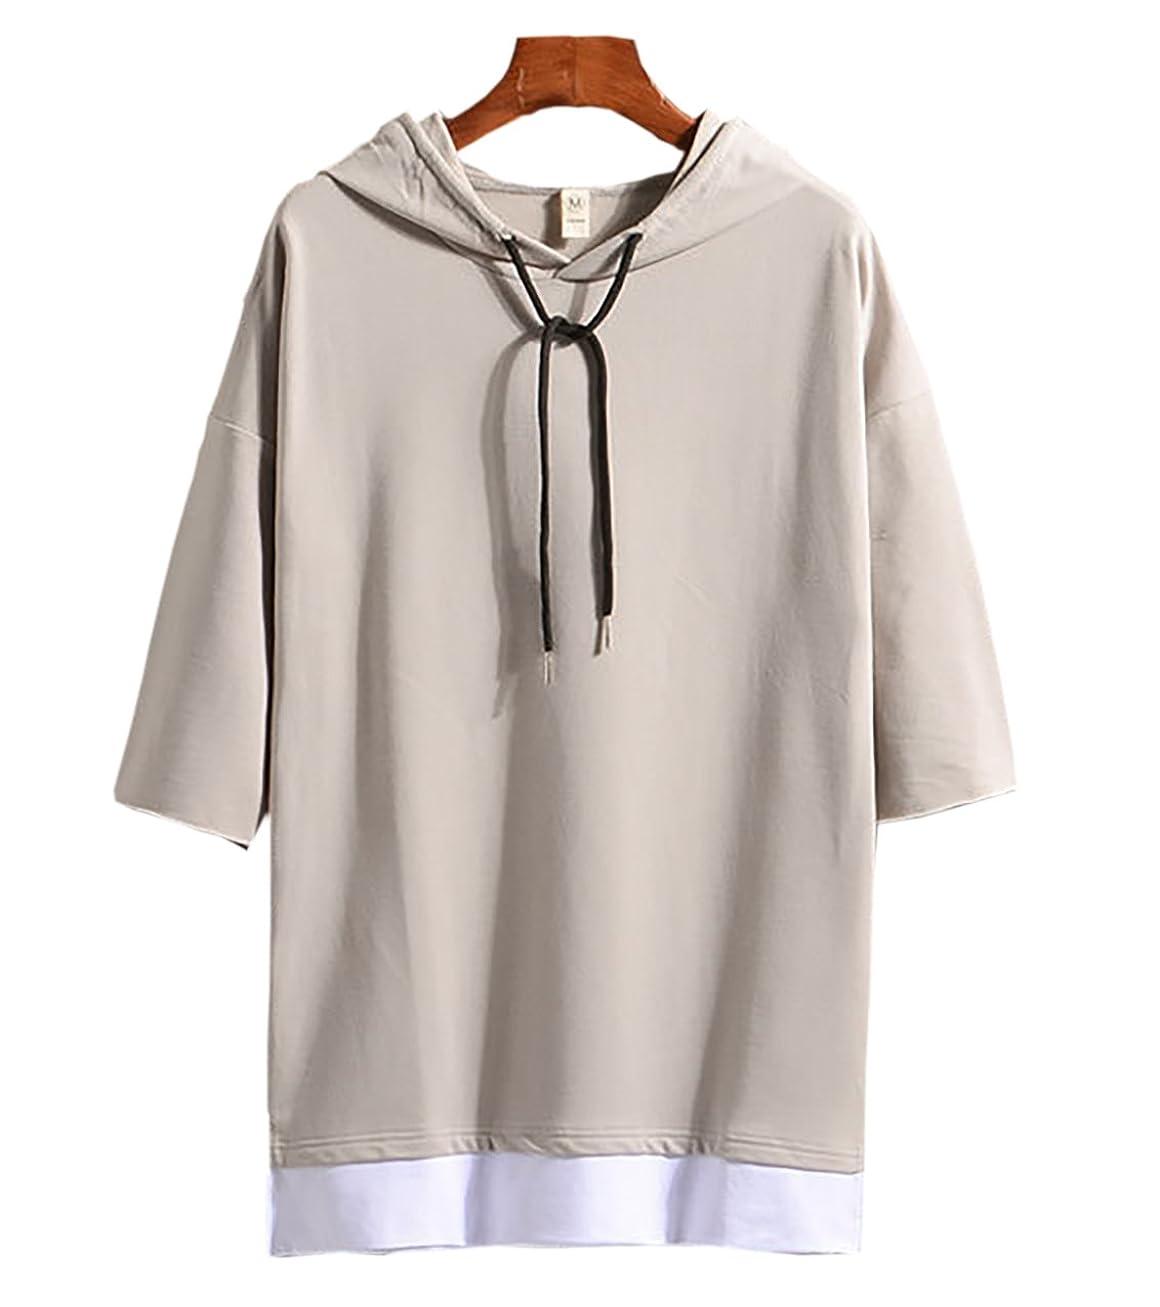 反論ツイン爆発(Make 2 Be) メンズ 7分袖 Tシャツ フード付き ゆったり ドロップショルダー レイヤード カジュアル シャツ プルオーバー MF74